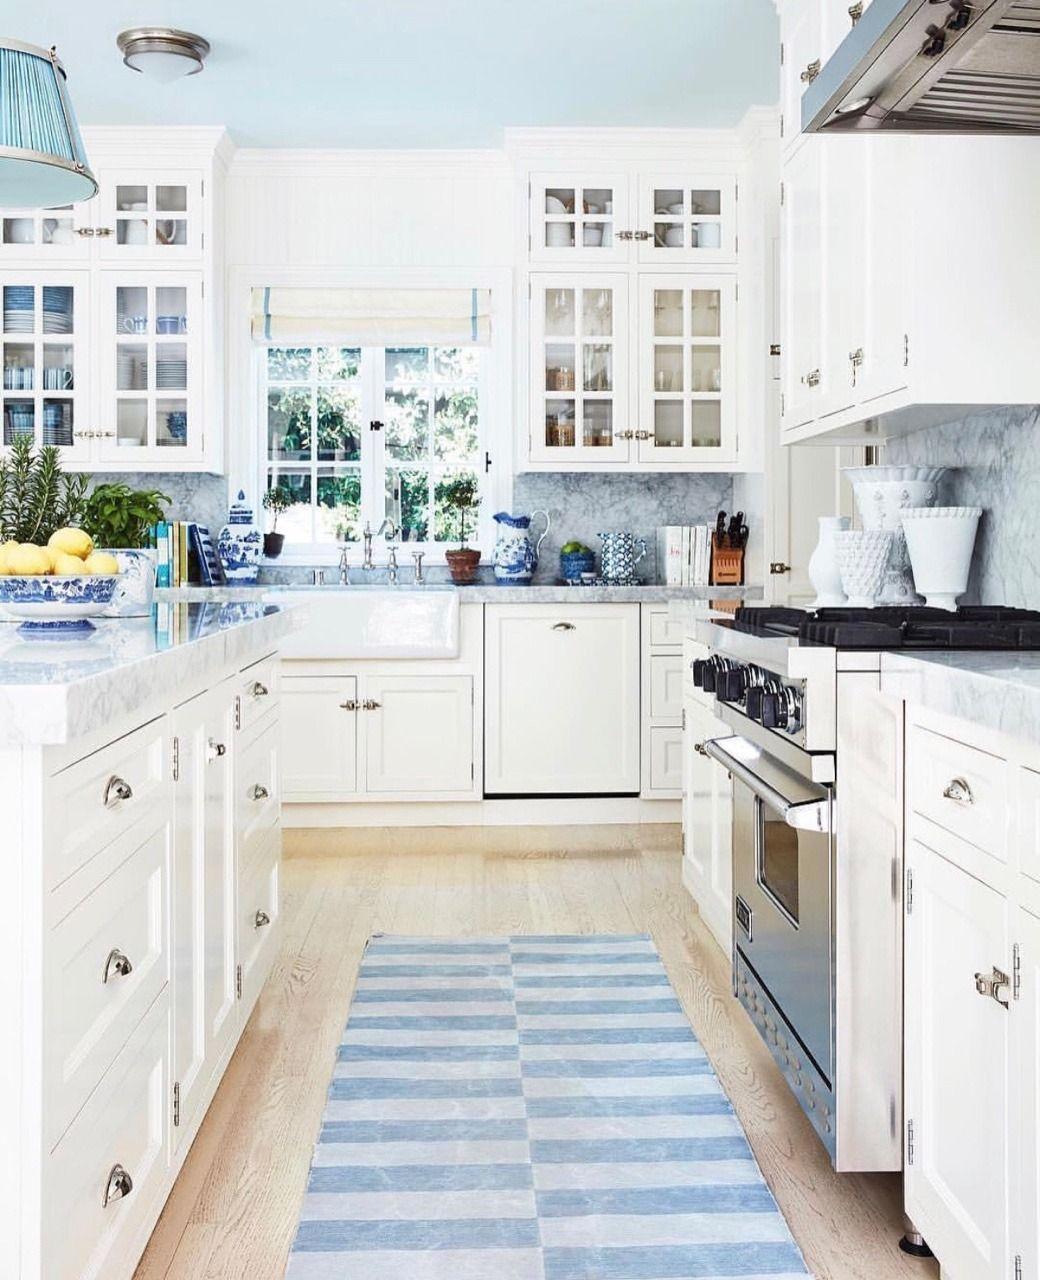 Einrichtung Küche Ideen | Einrichtungstipps Kleine Kueche Ideen ...